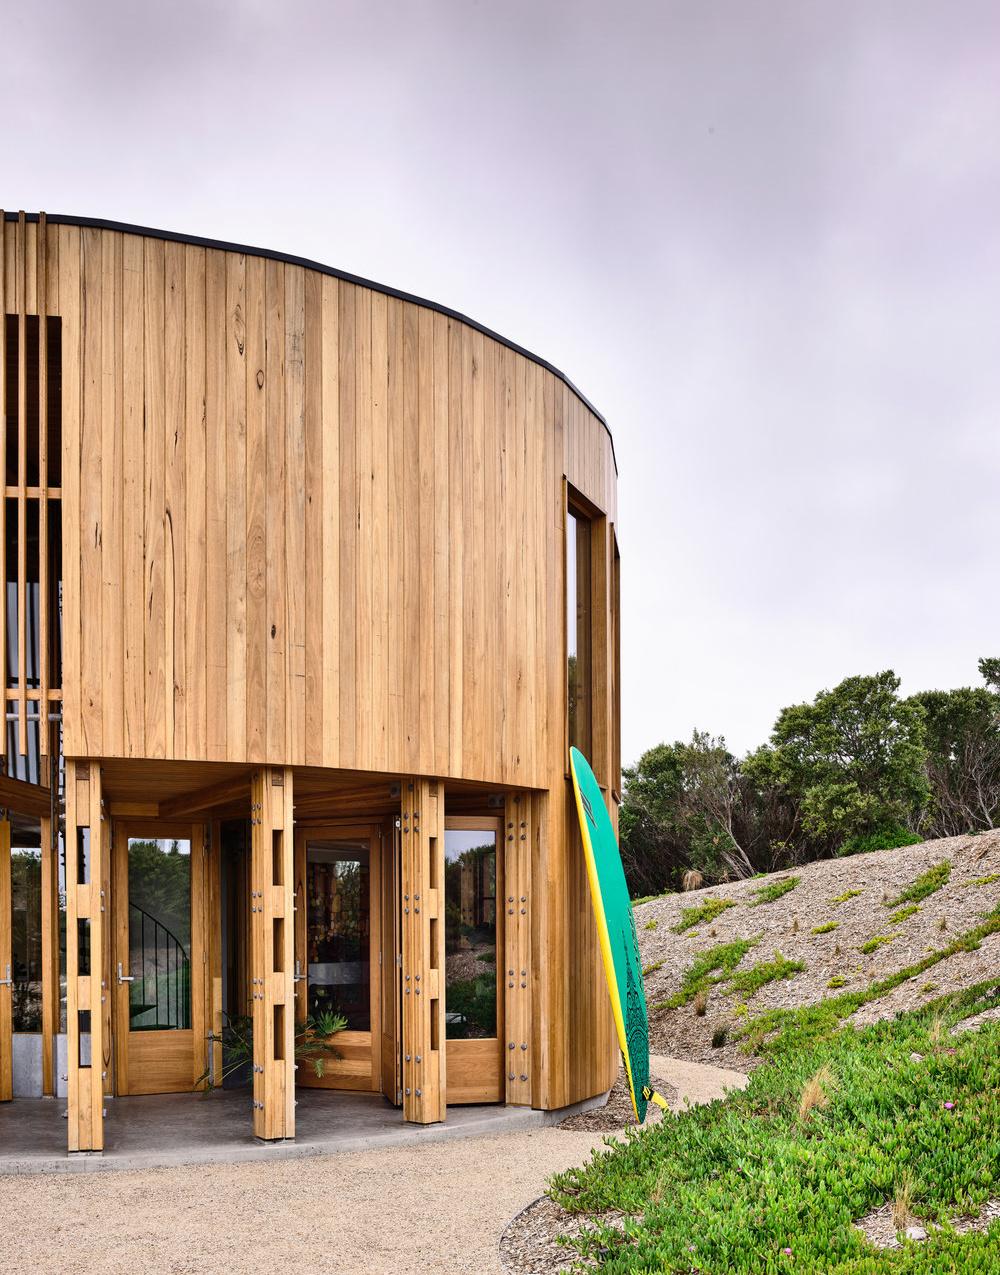 Austin Maynard Architects (Австралия). Круглая дача